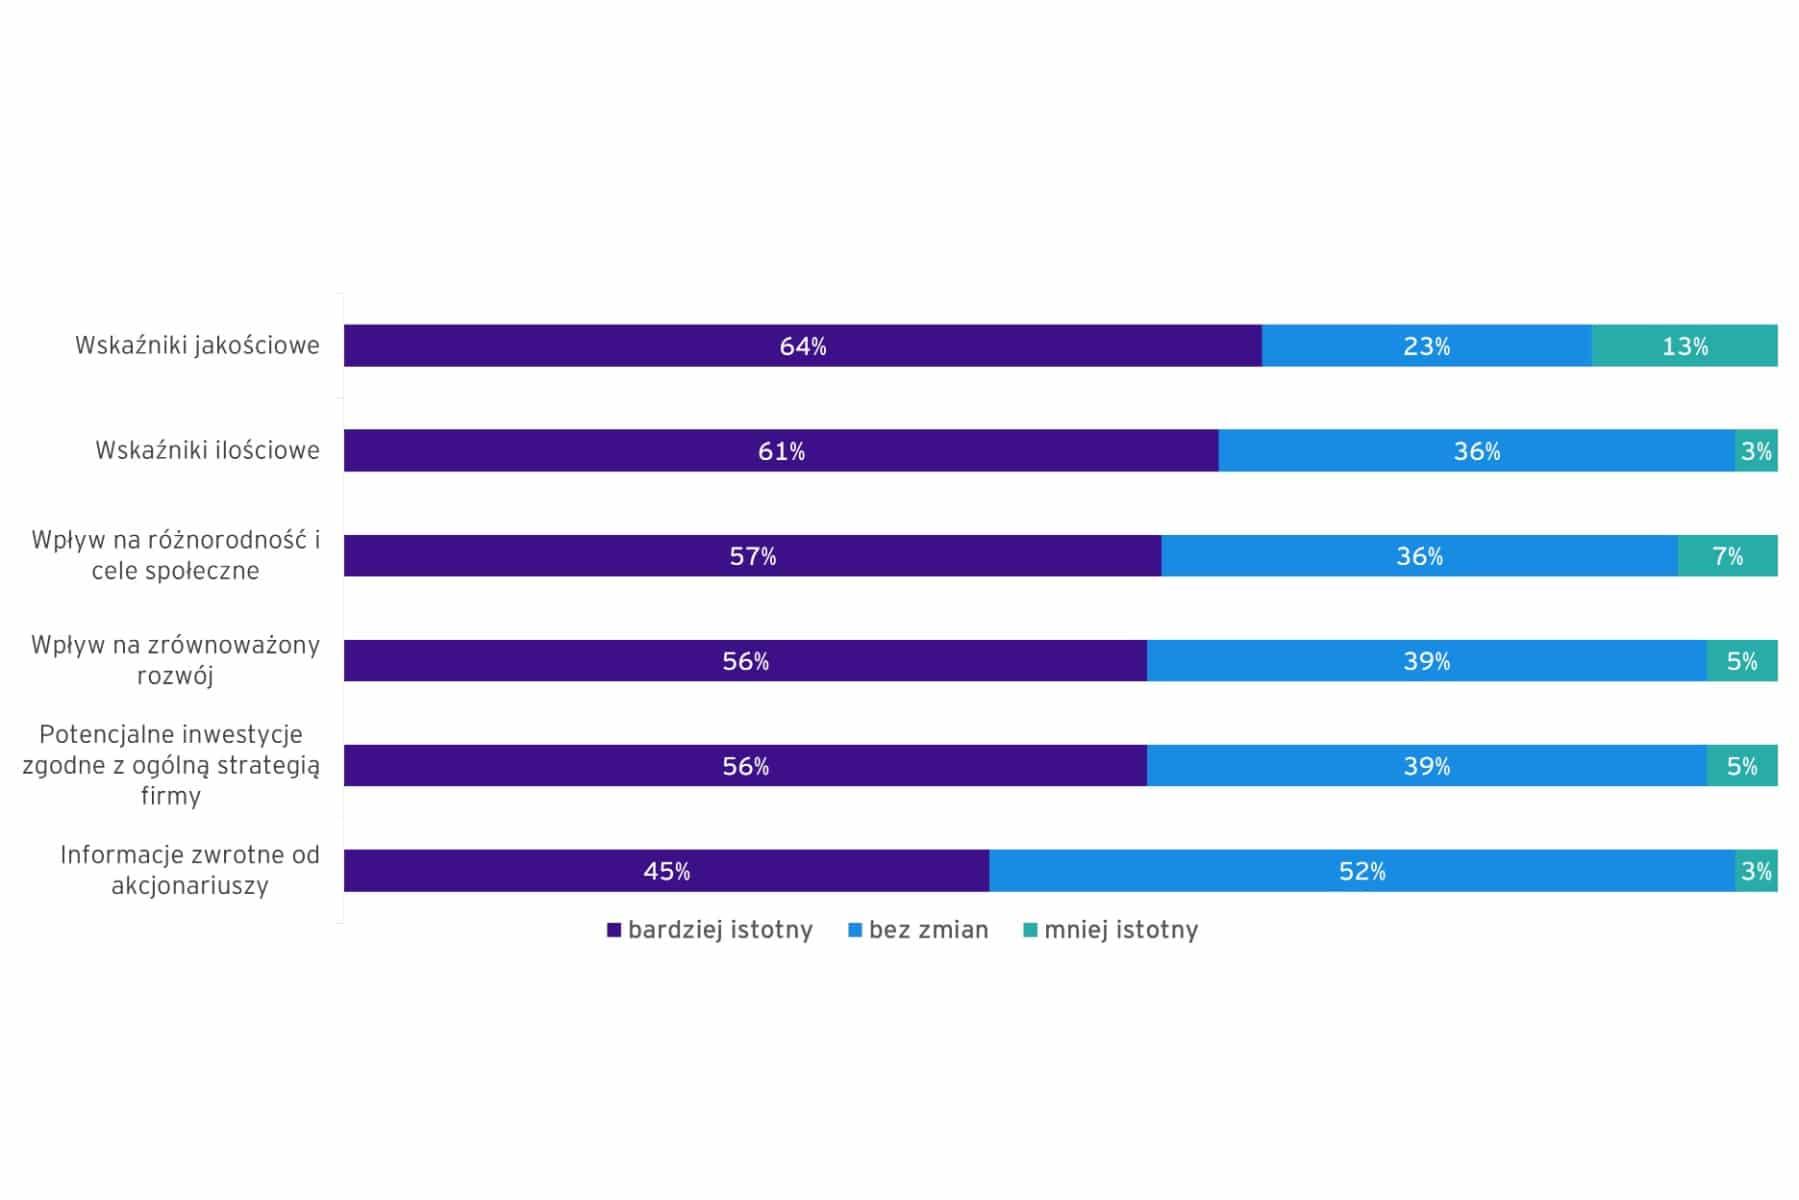 Zmiany czynników wpływających na alokację kapitału w ostatnim roku